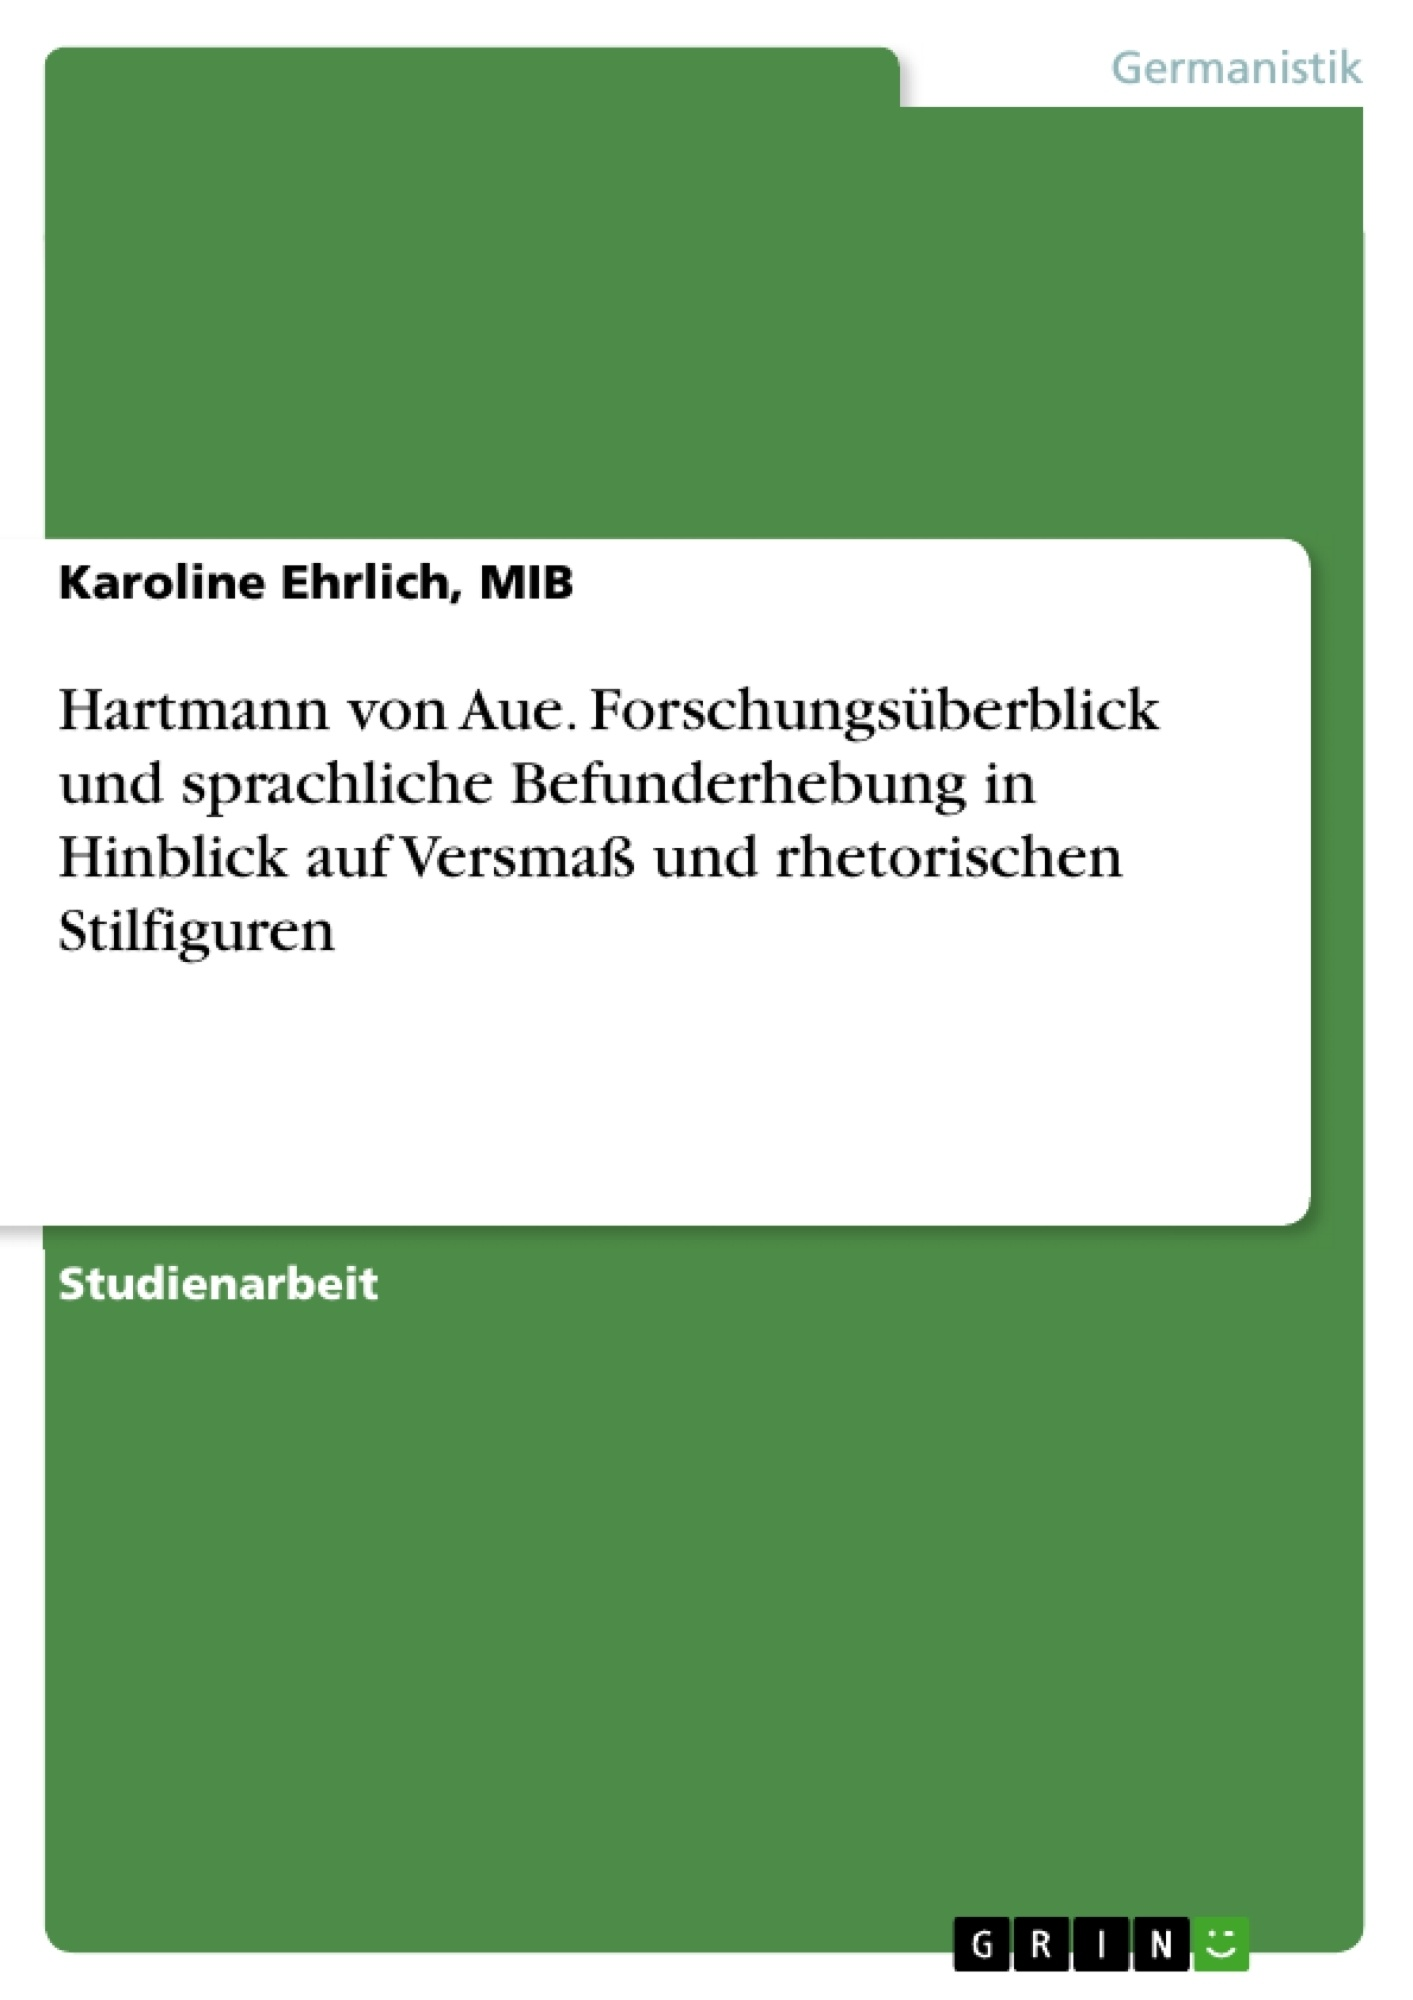 Titel: Hartmann von Aue. Forschungsüberblick und sprachliche Befunderhebung in Hinblick auf Versmaß und rhetorischen Stilfiguren